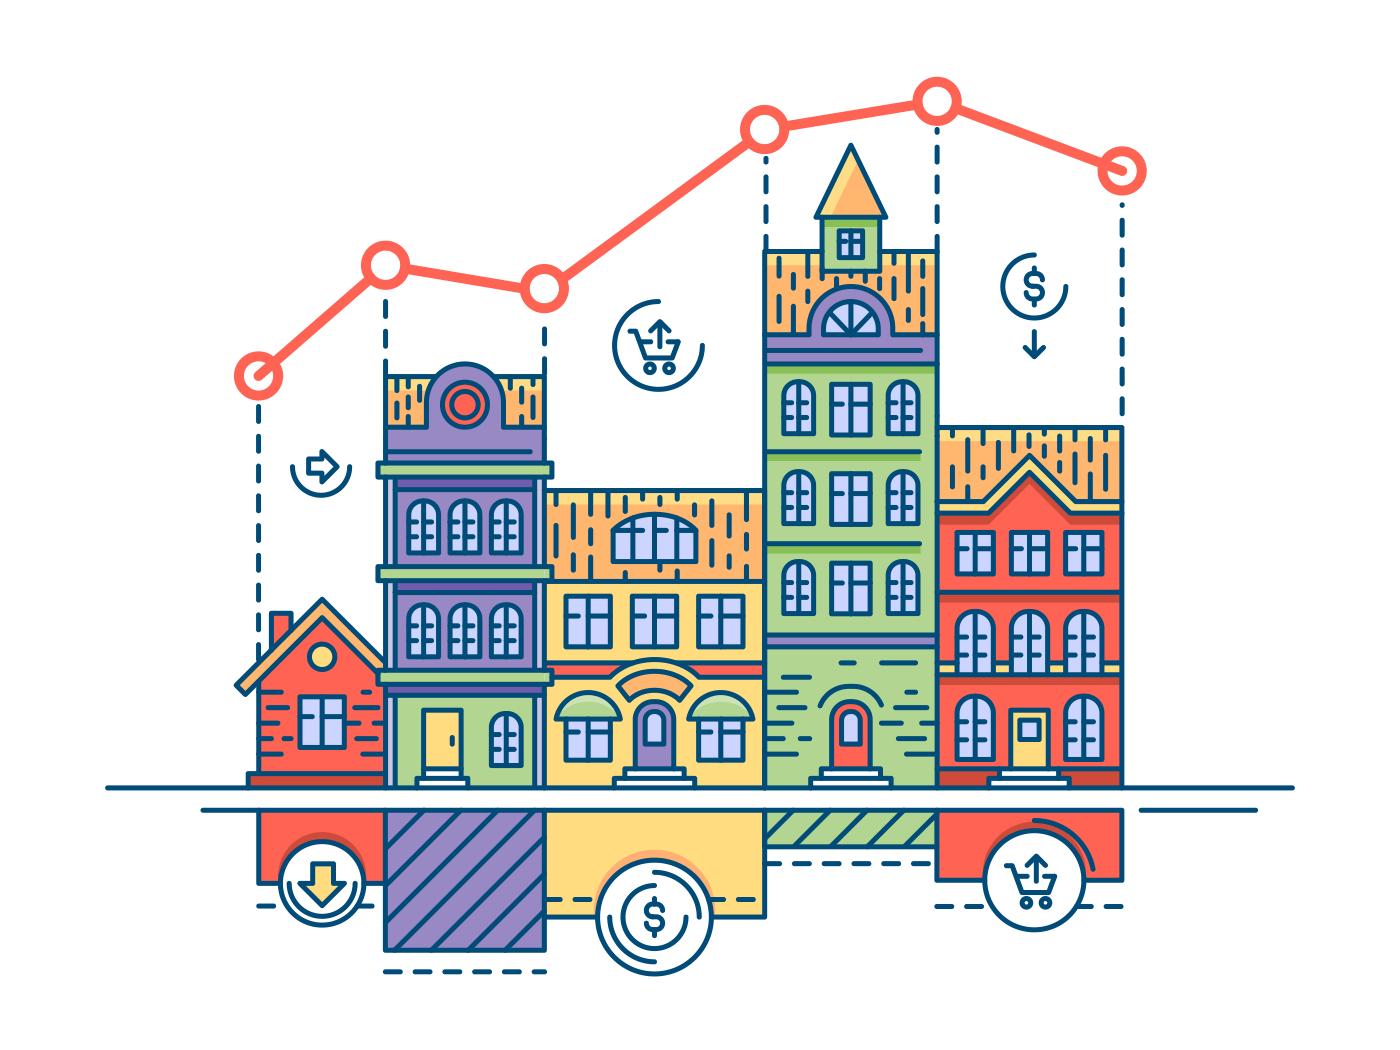 Real estate market line vector illustration